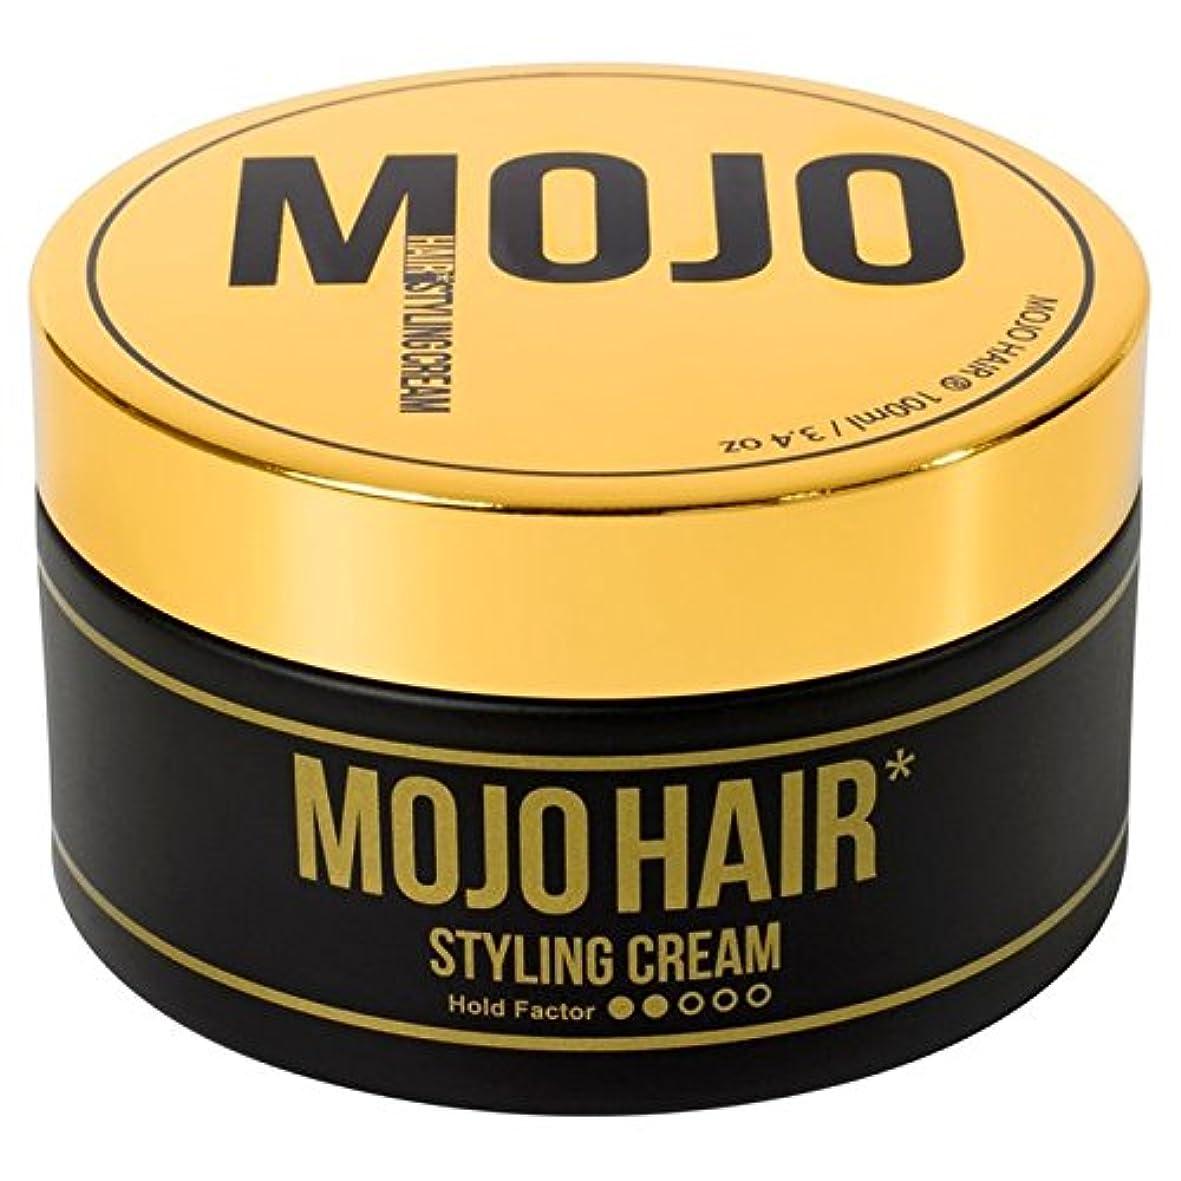 柔らかいハングイヤホン100ミリリットル男性のためのモジョのヘアスタイリングクリーム x2 - MOJO HAIR Styling Cream for Men 100ml (Pack of 2) [並行輸入品]